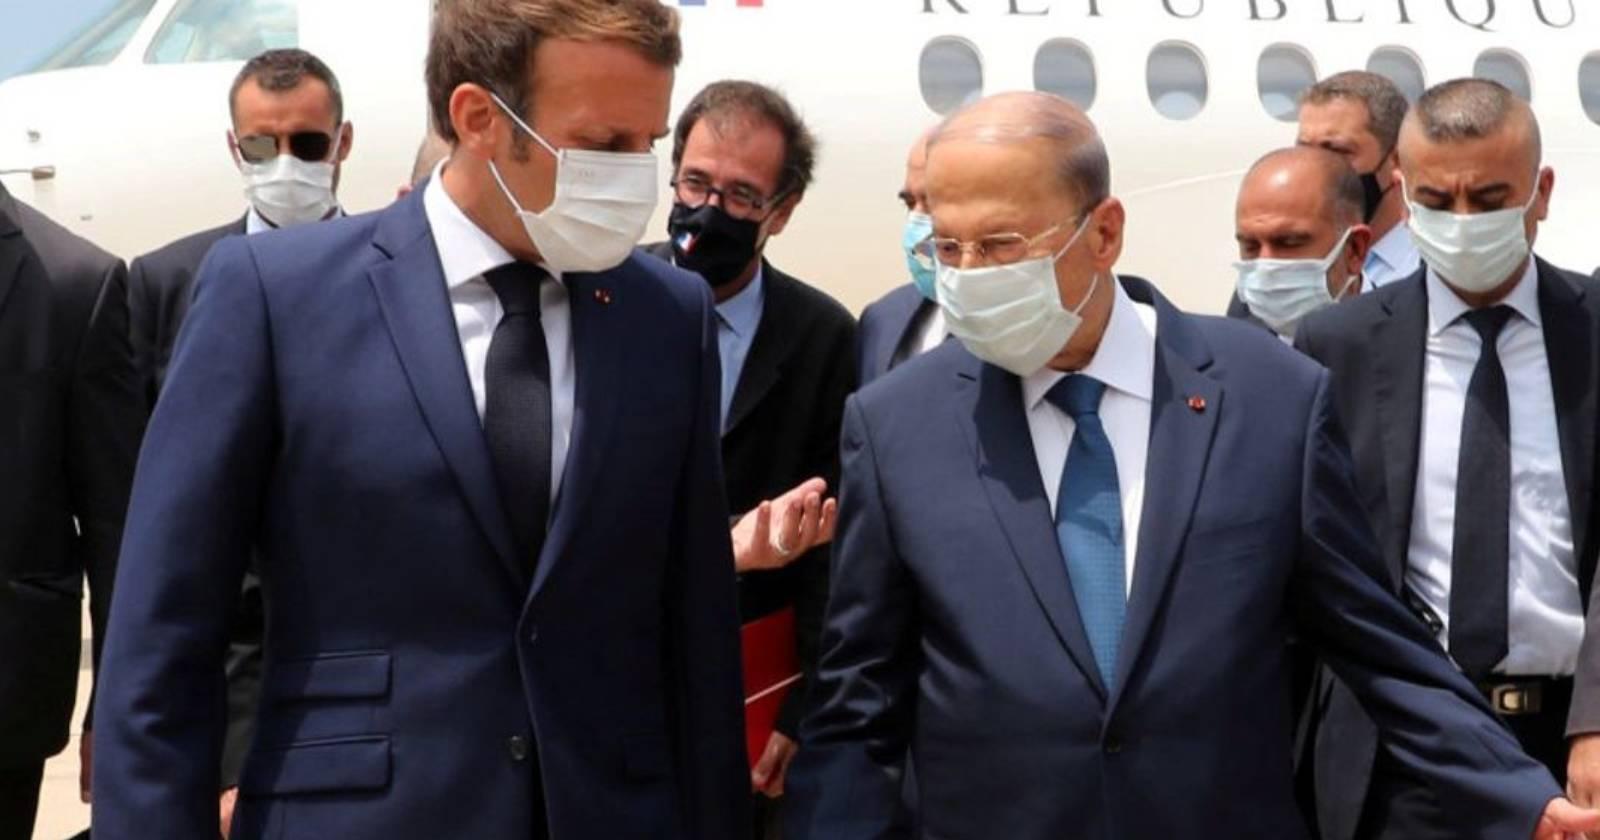 """Emmanuel Macron en Beirut: """"La prioridad es la ayuda, pero el Líbano necesita reformas o seguirá hundiéndose"""""""